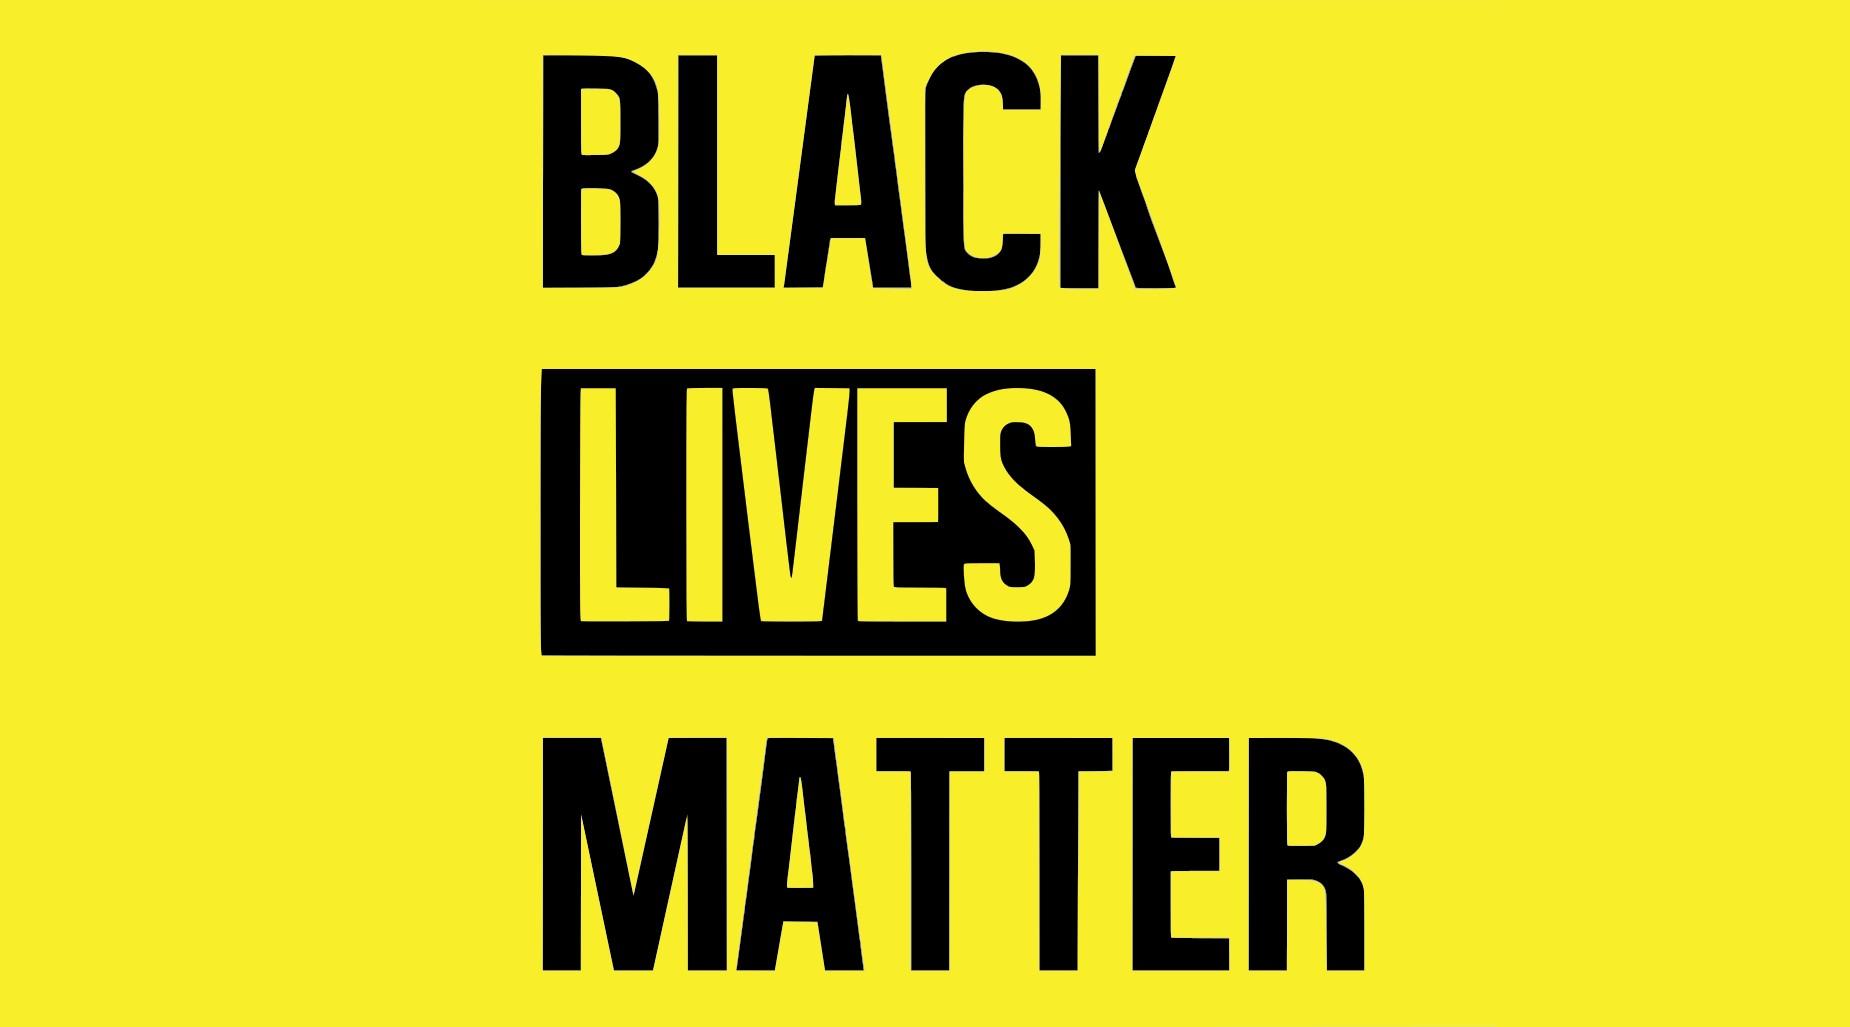 黒人差別問題